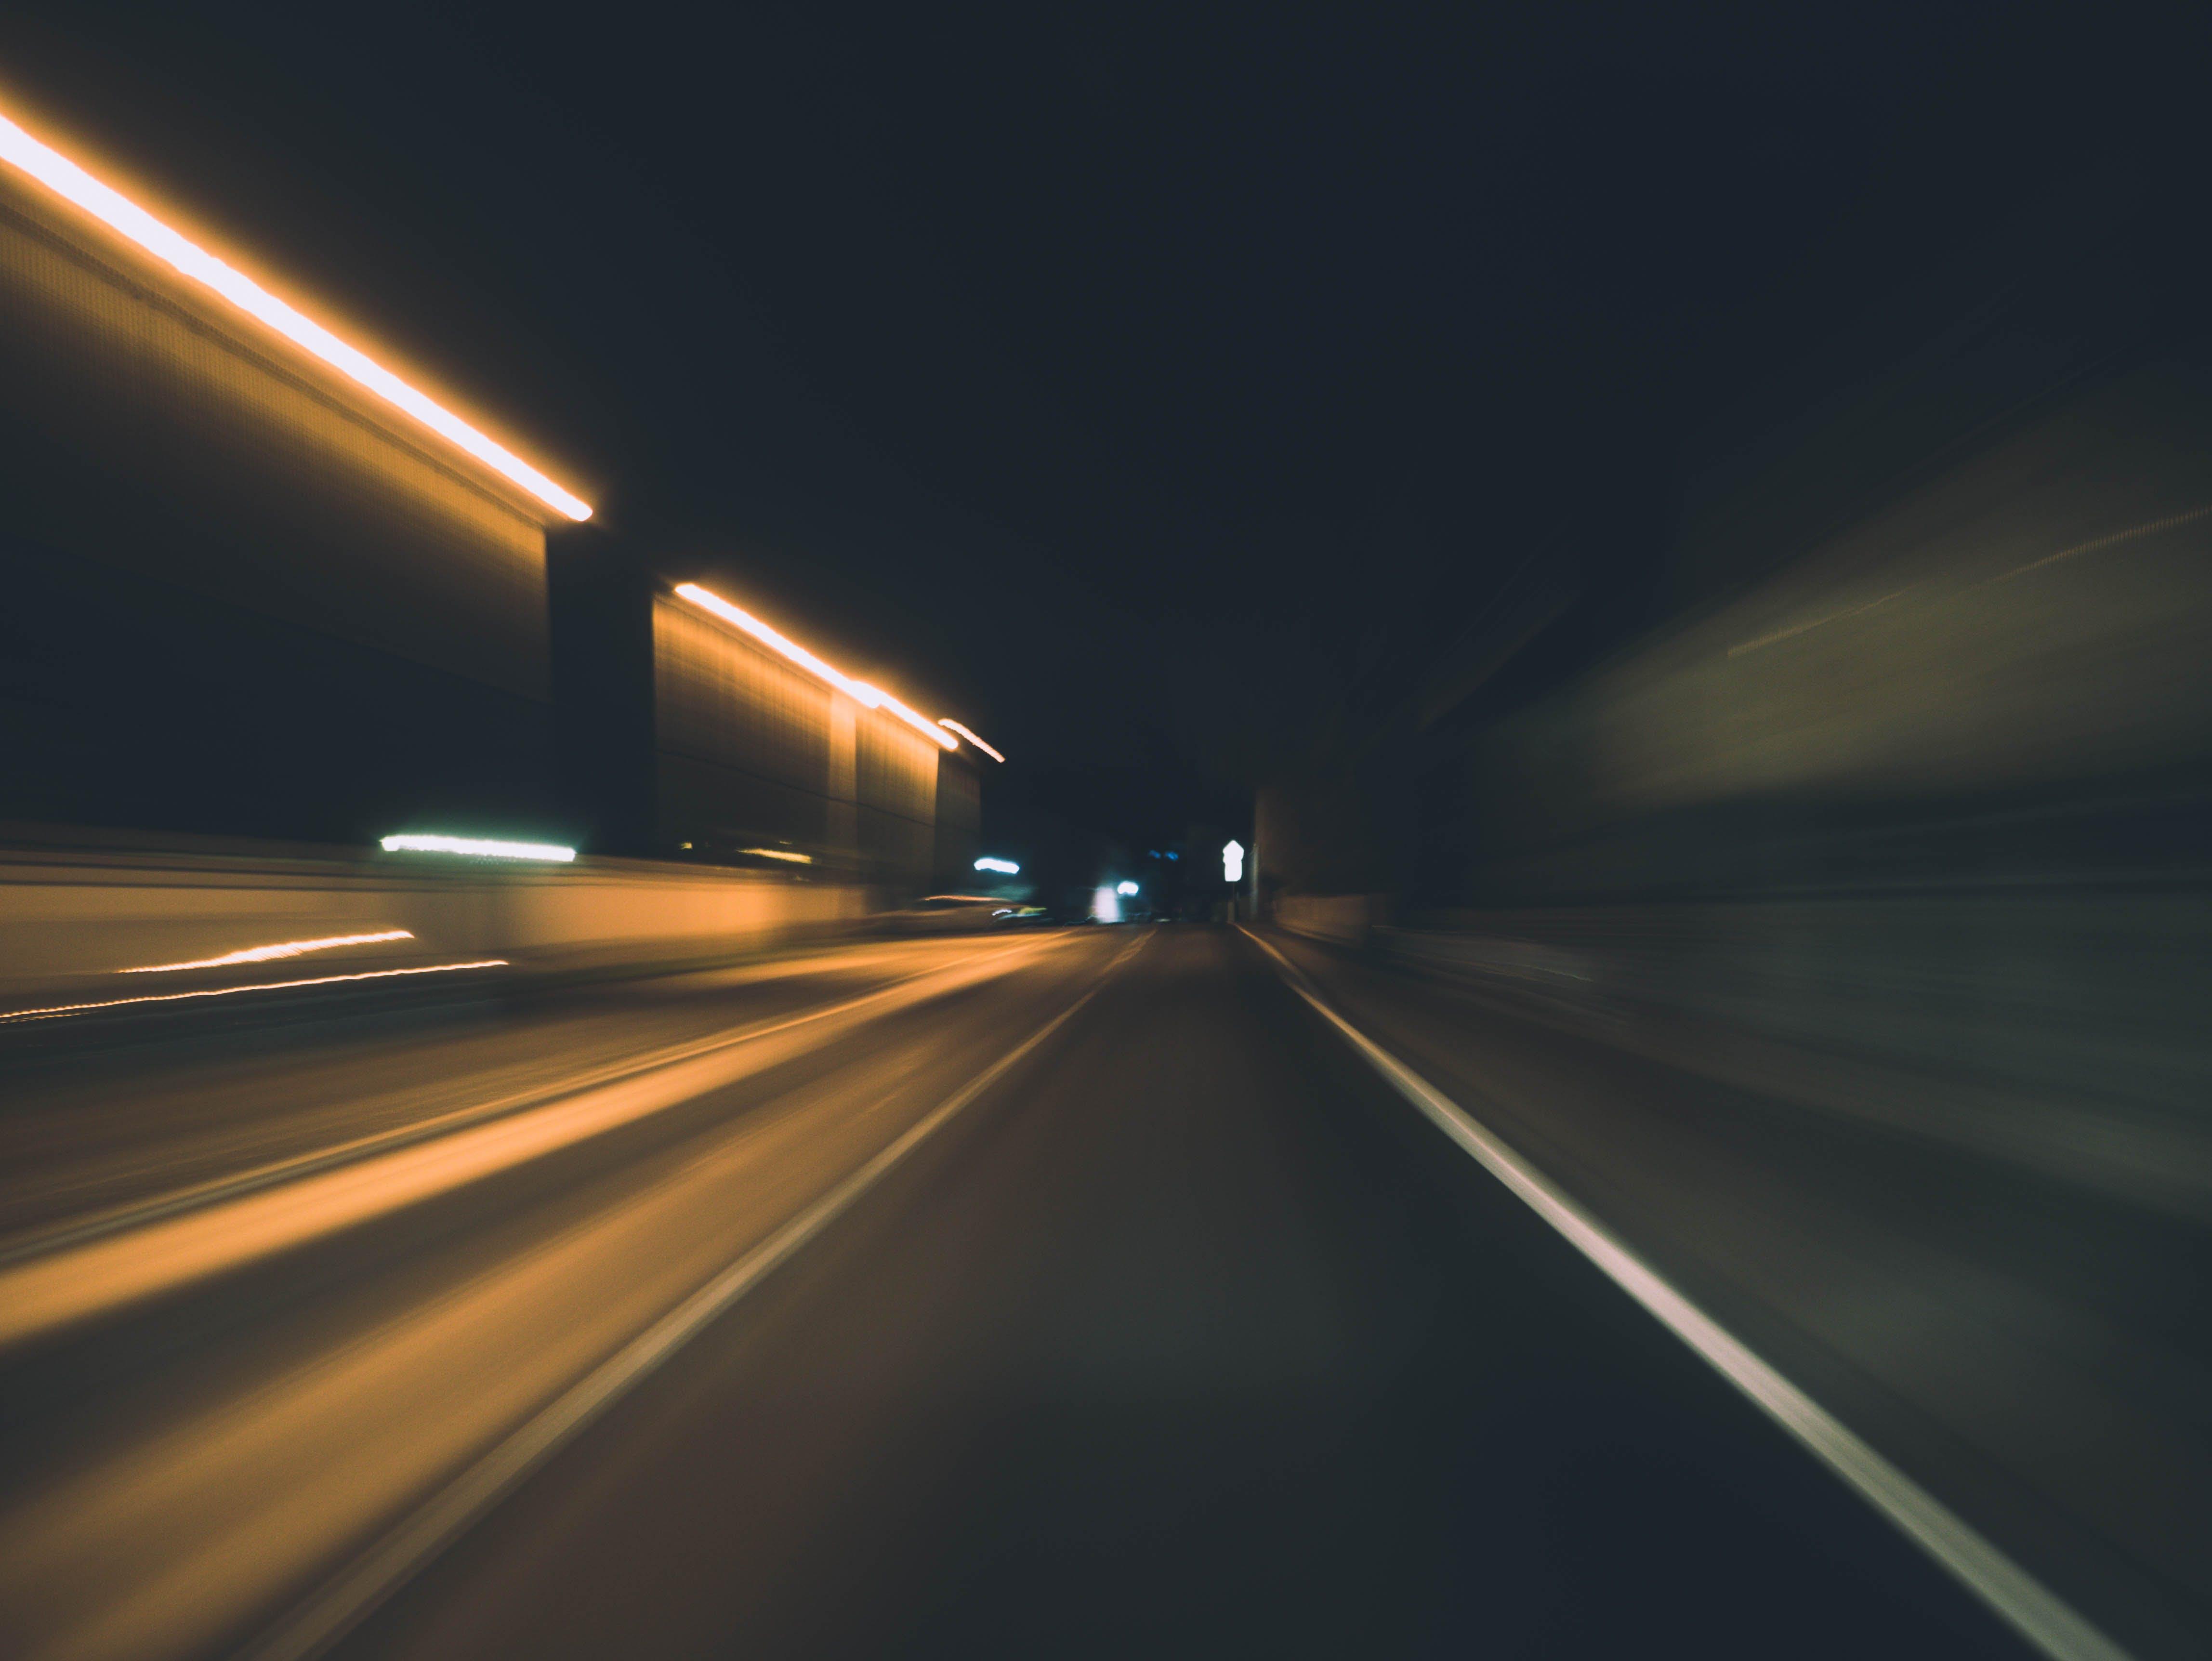 asphalt, blur, dark